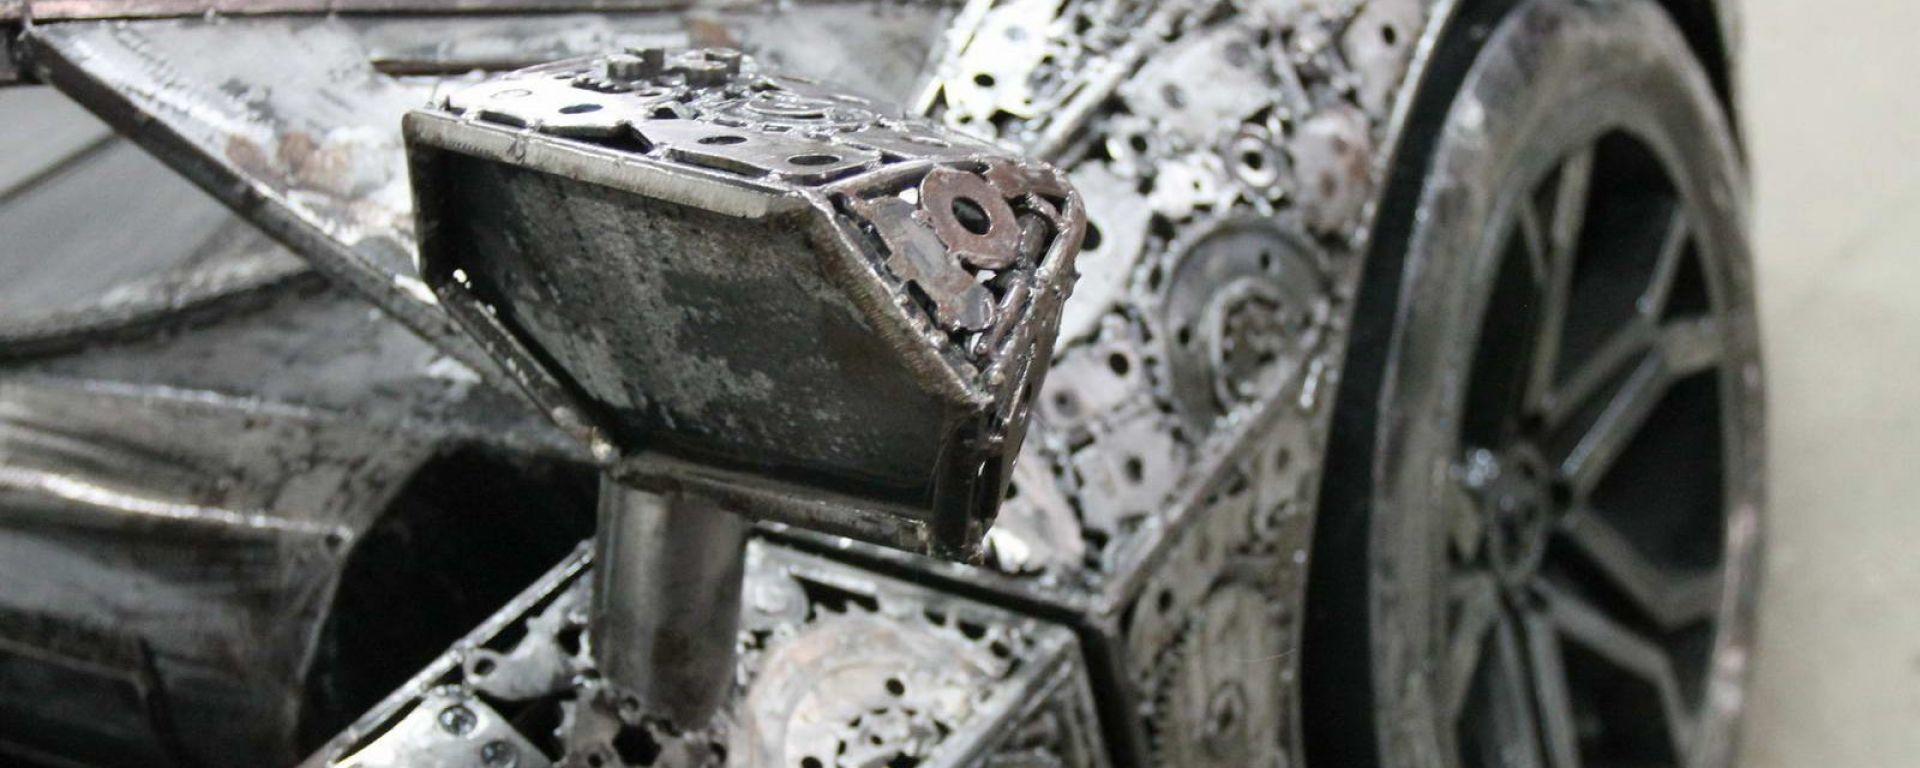 La Galeria Figur Stalowych ha un parco auto da favola: sono sculture realizzate con i rottami